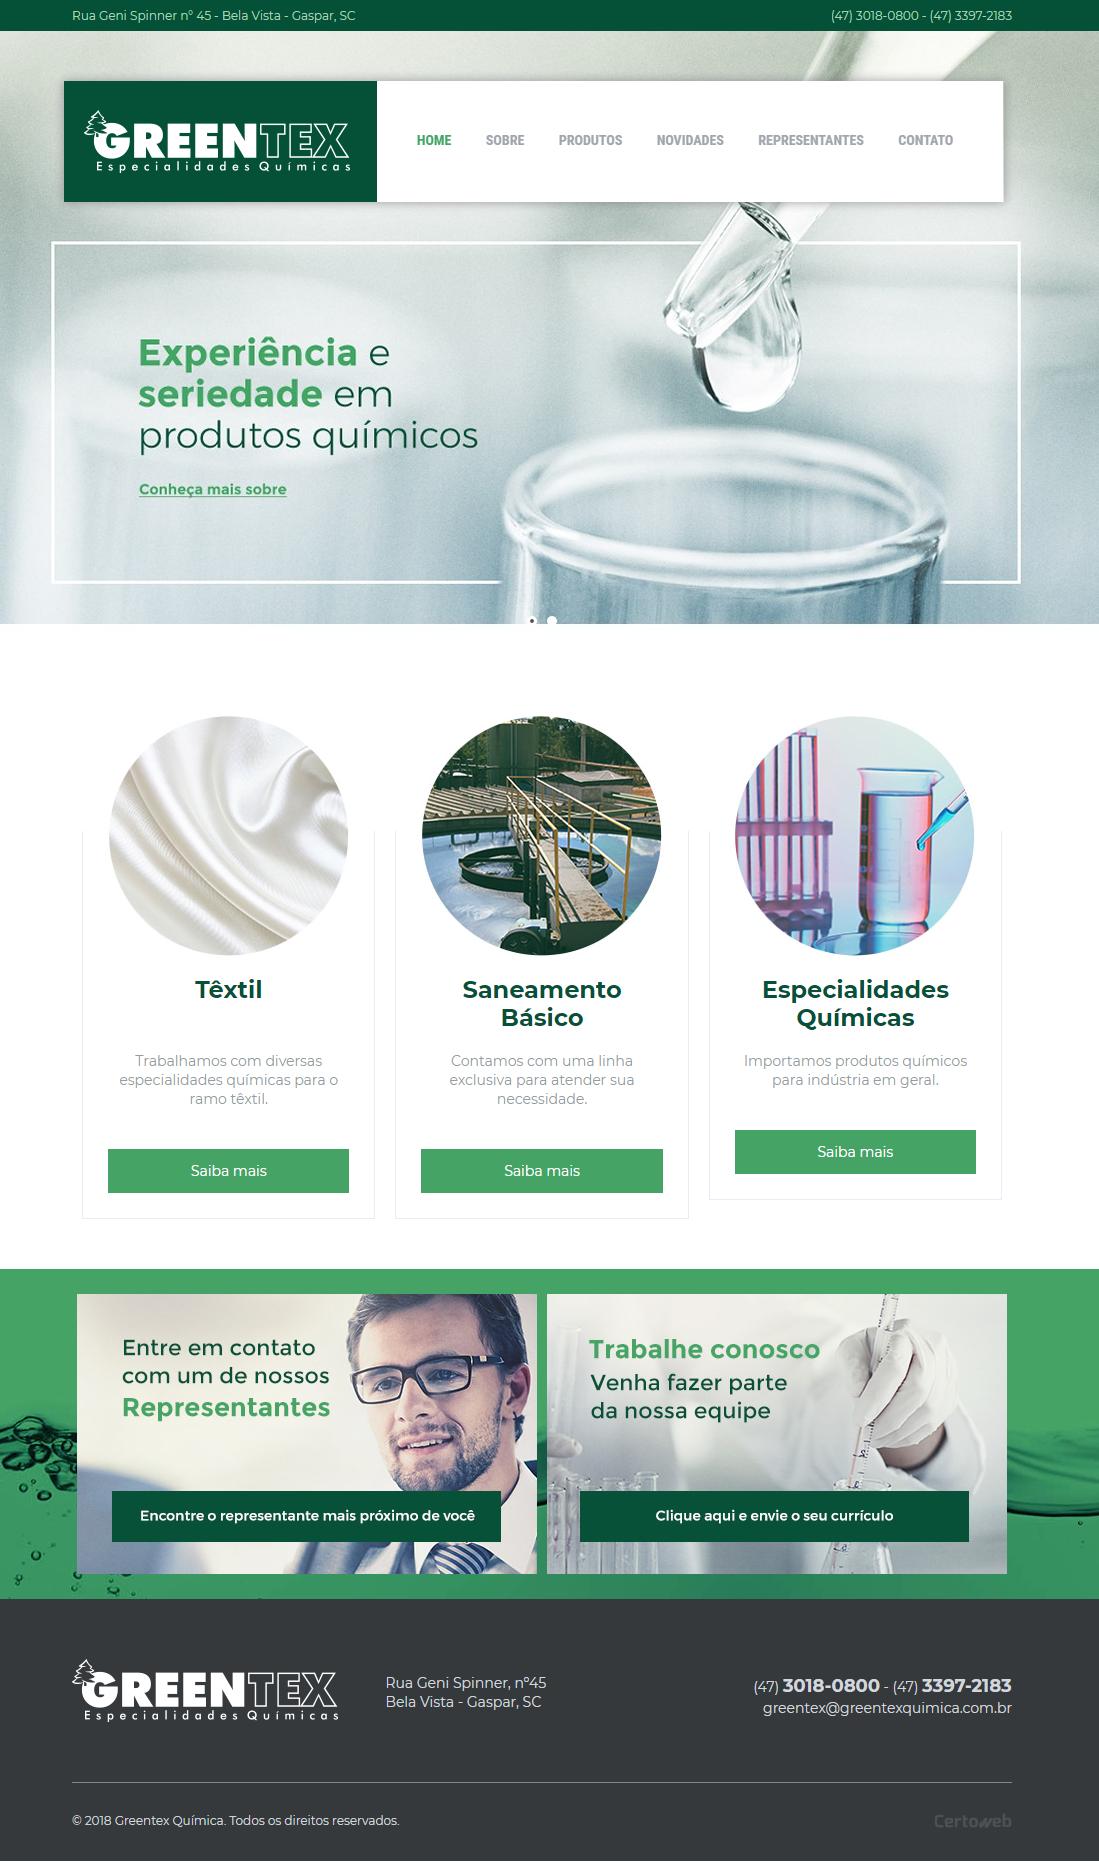 Greentex Química - Especialidades Químicas